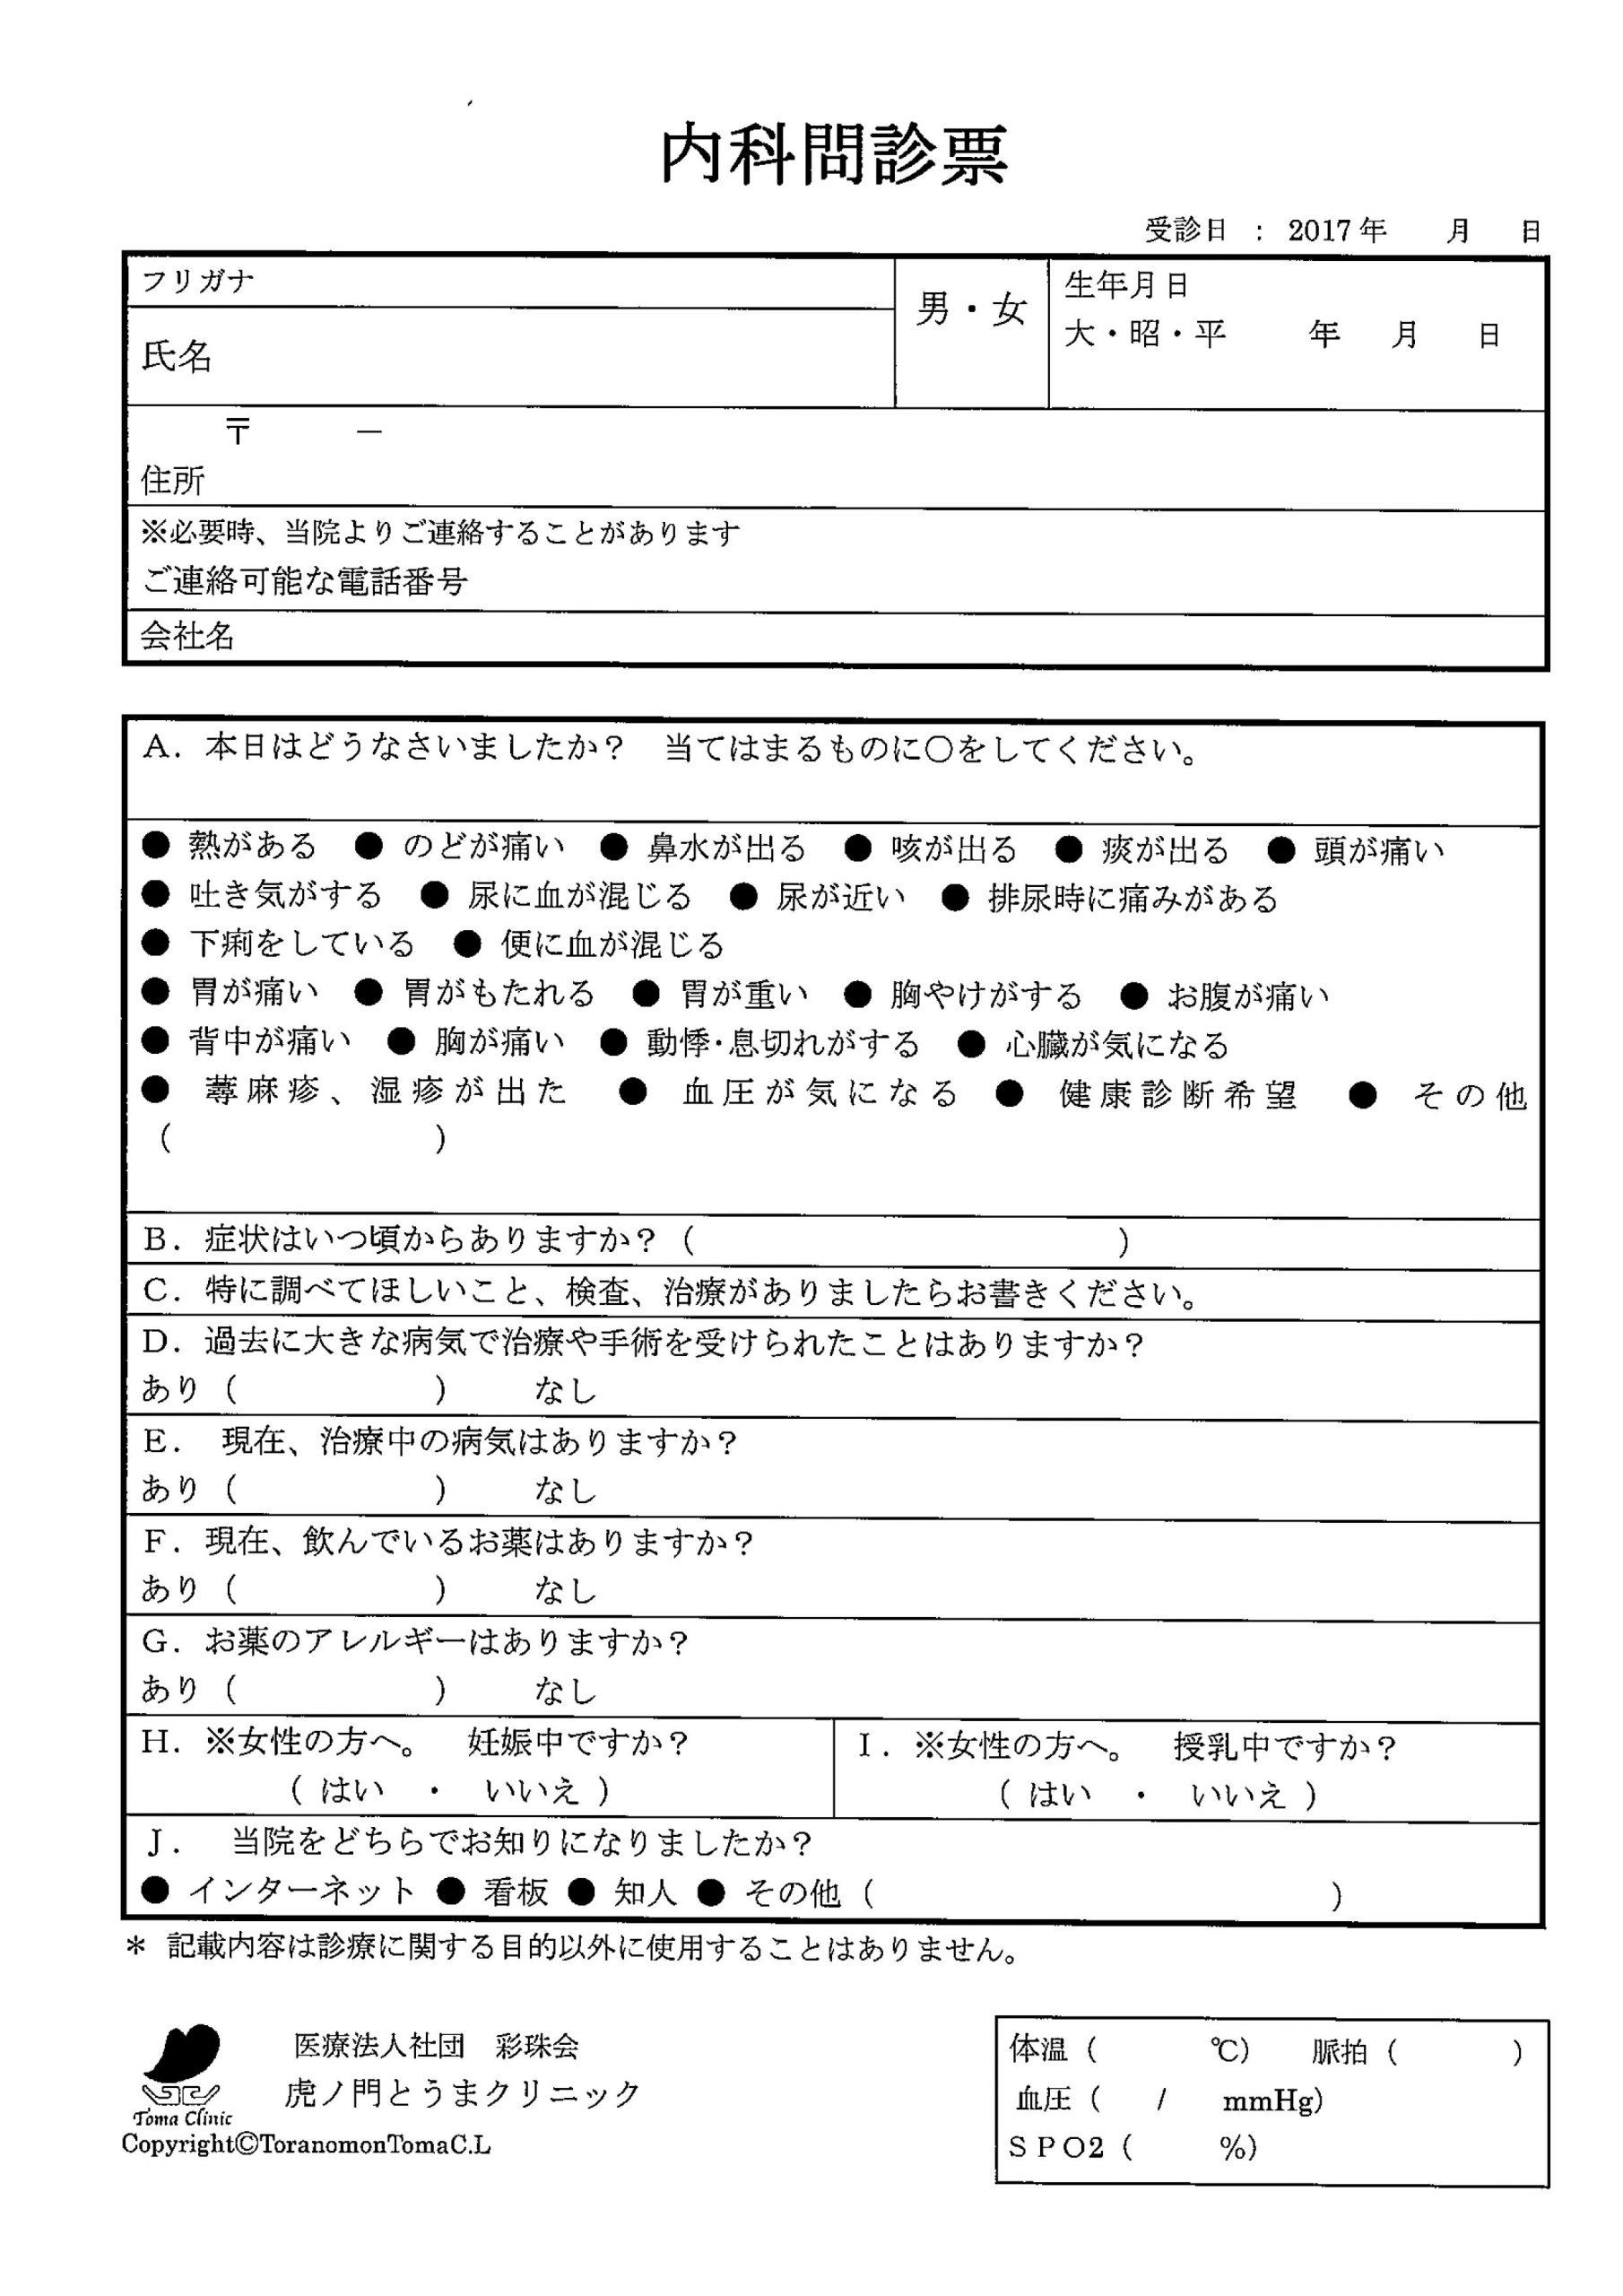 虎ノ門とうまクリニック内科問診票